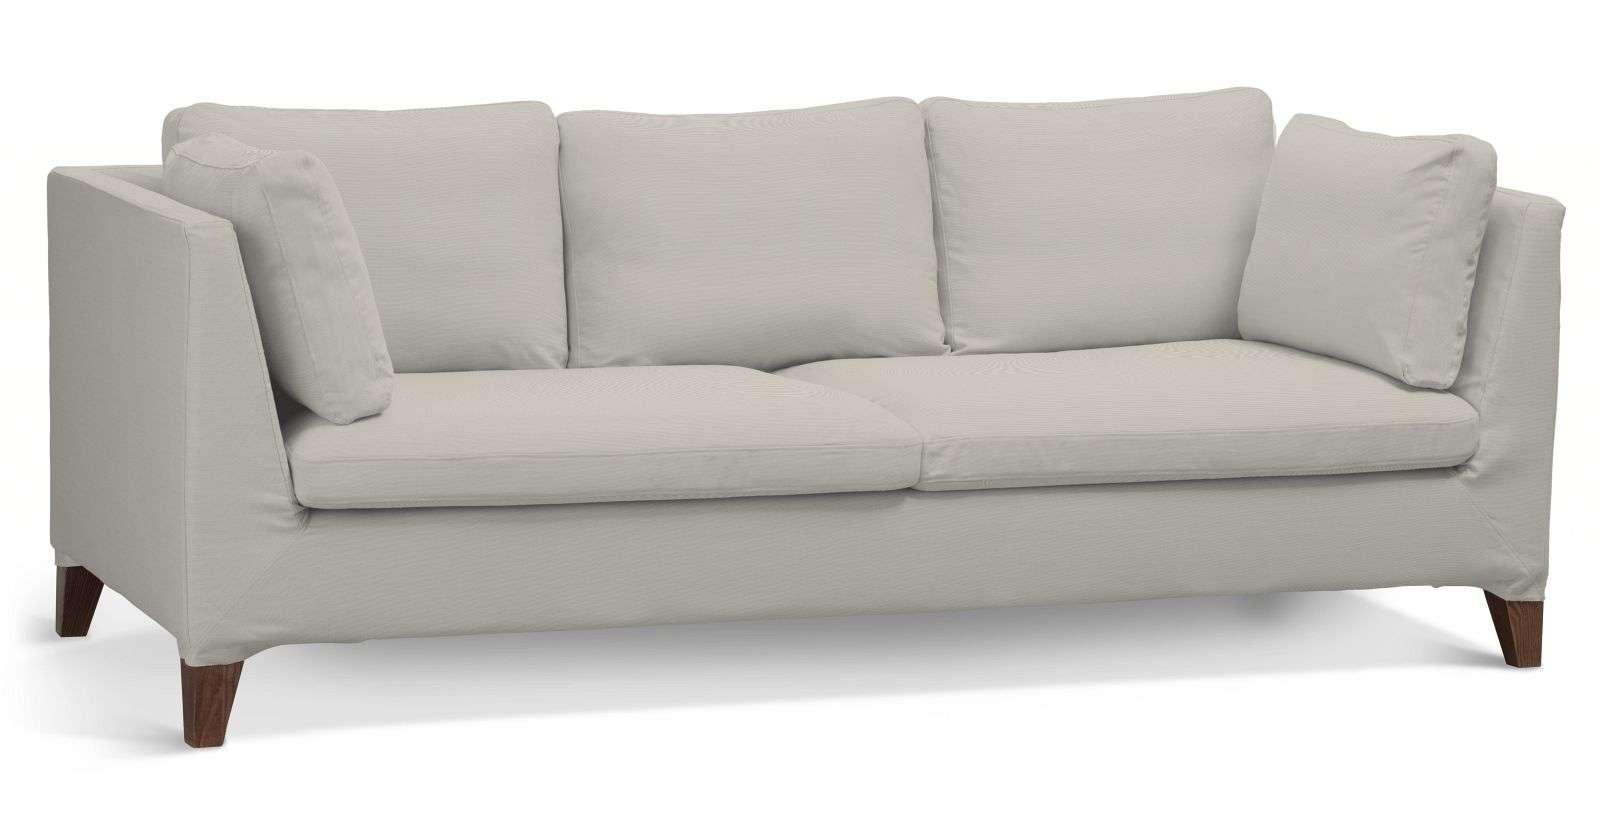 Pokrowiec na sofę Stockholm 3-osobową sofa Stockholm 3-osobowa w kolekcji Cotton Panama, tkanina: 702-31